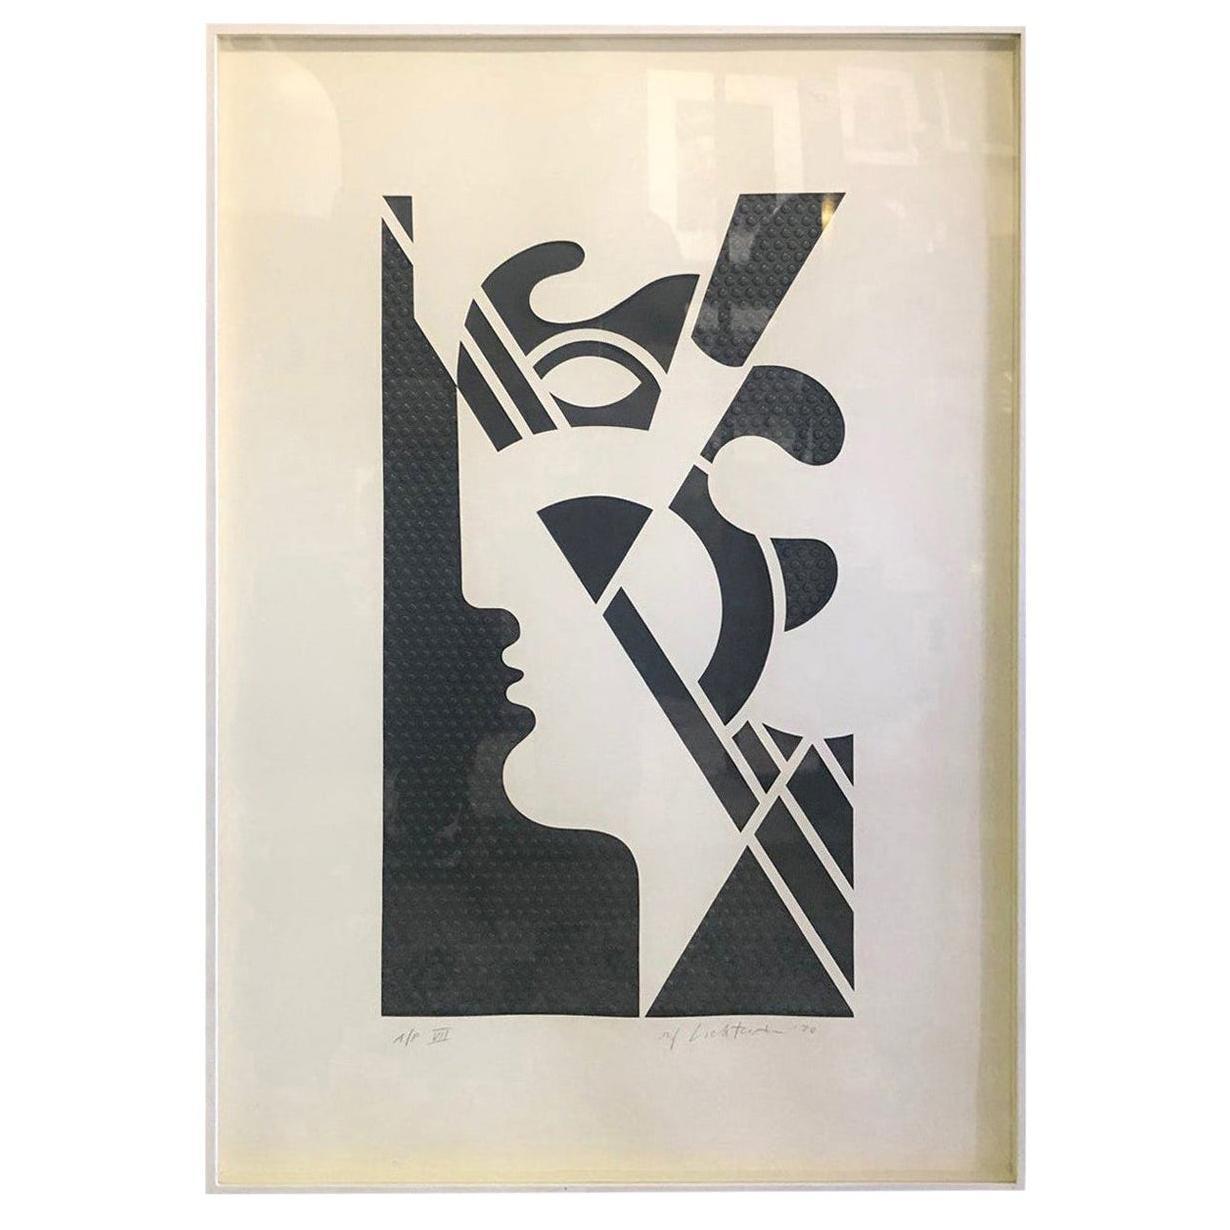 Roy Lichtenstein Signed Embossed Graphite Limited Print Modern Head #5, 1970